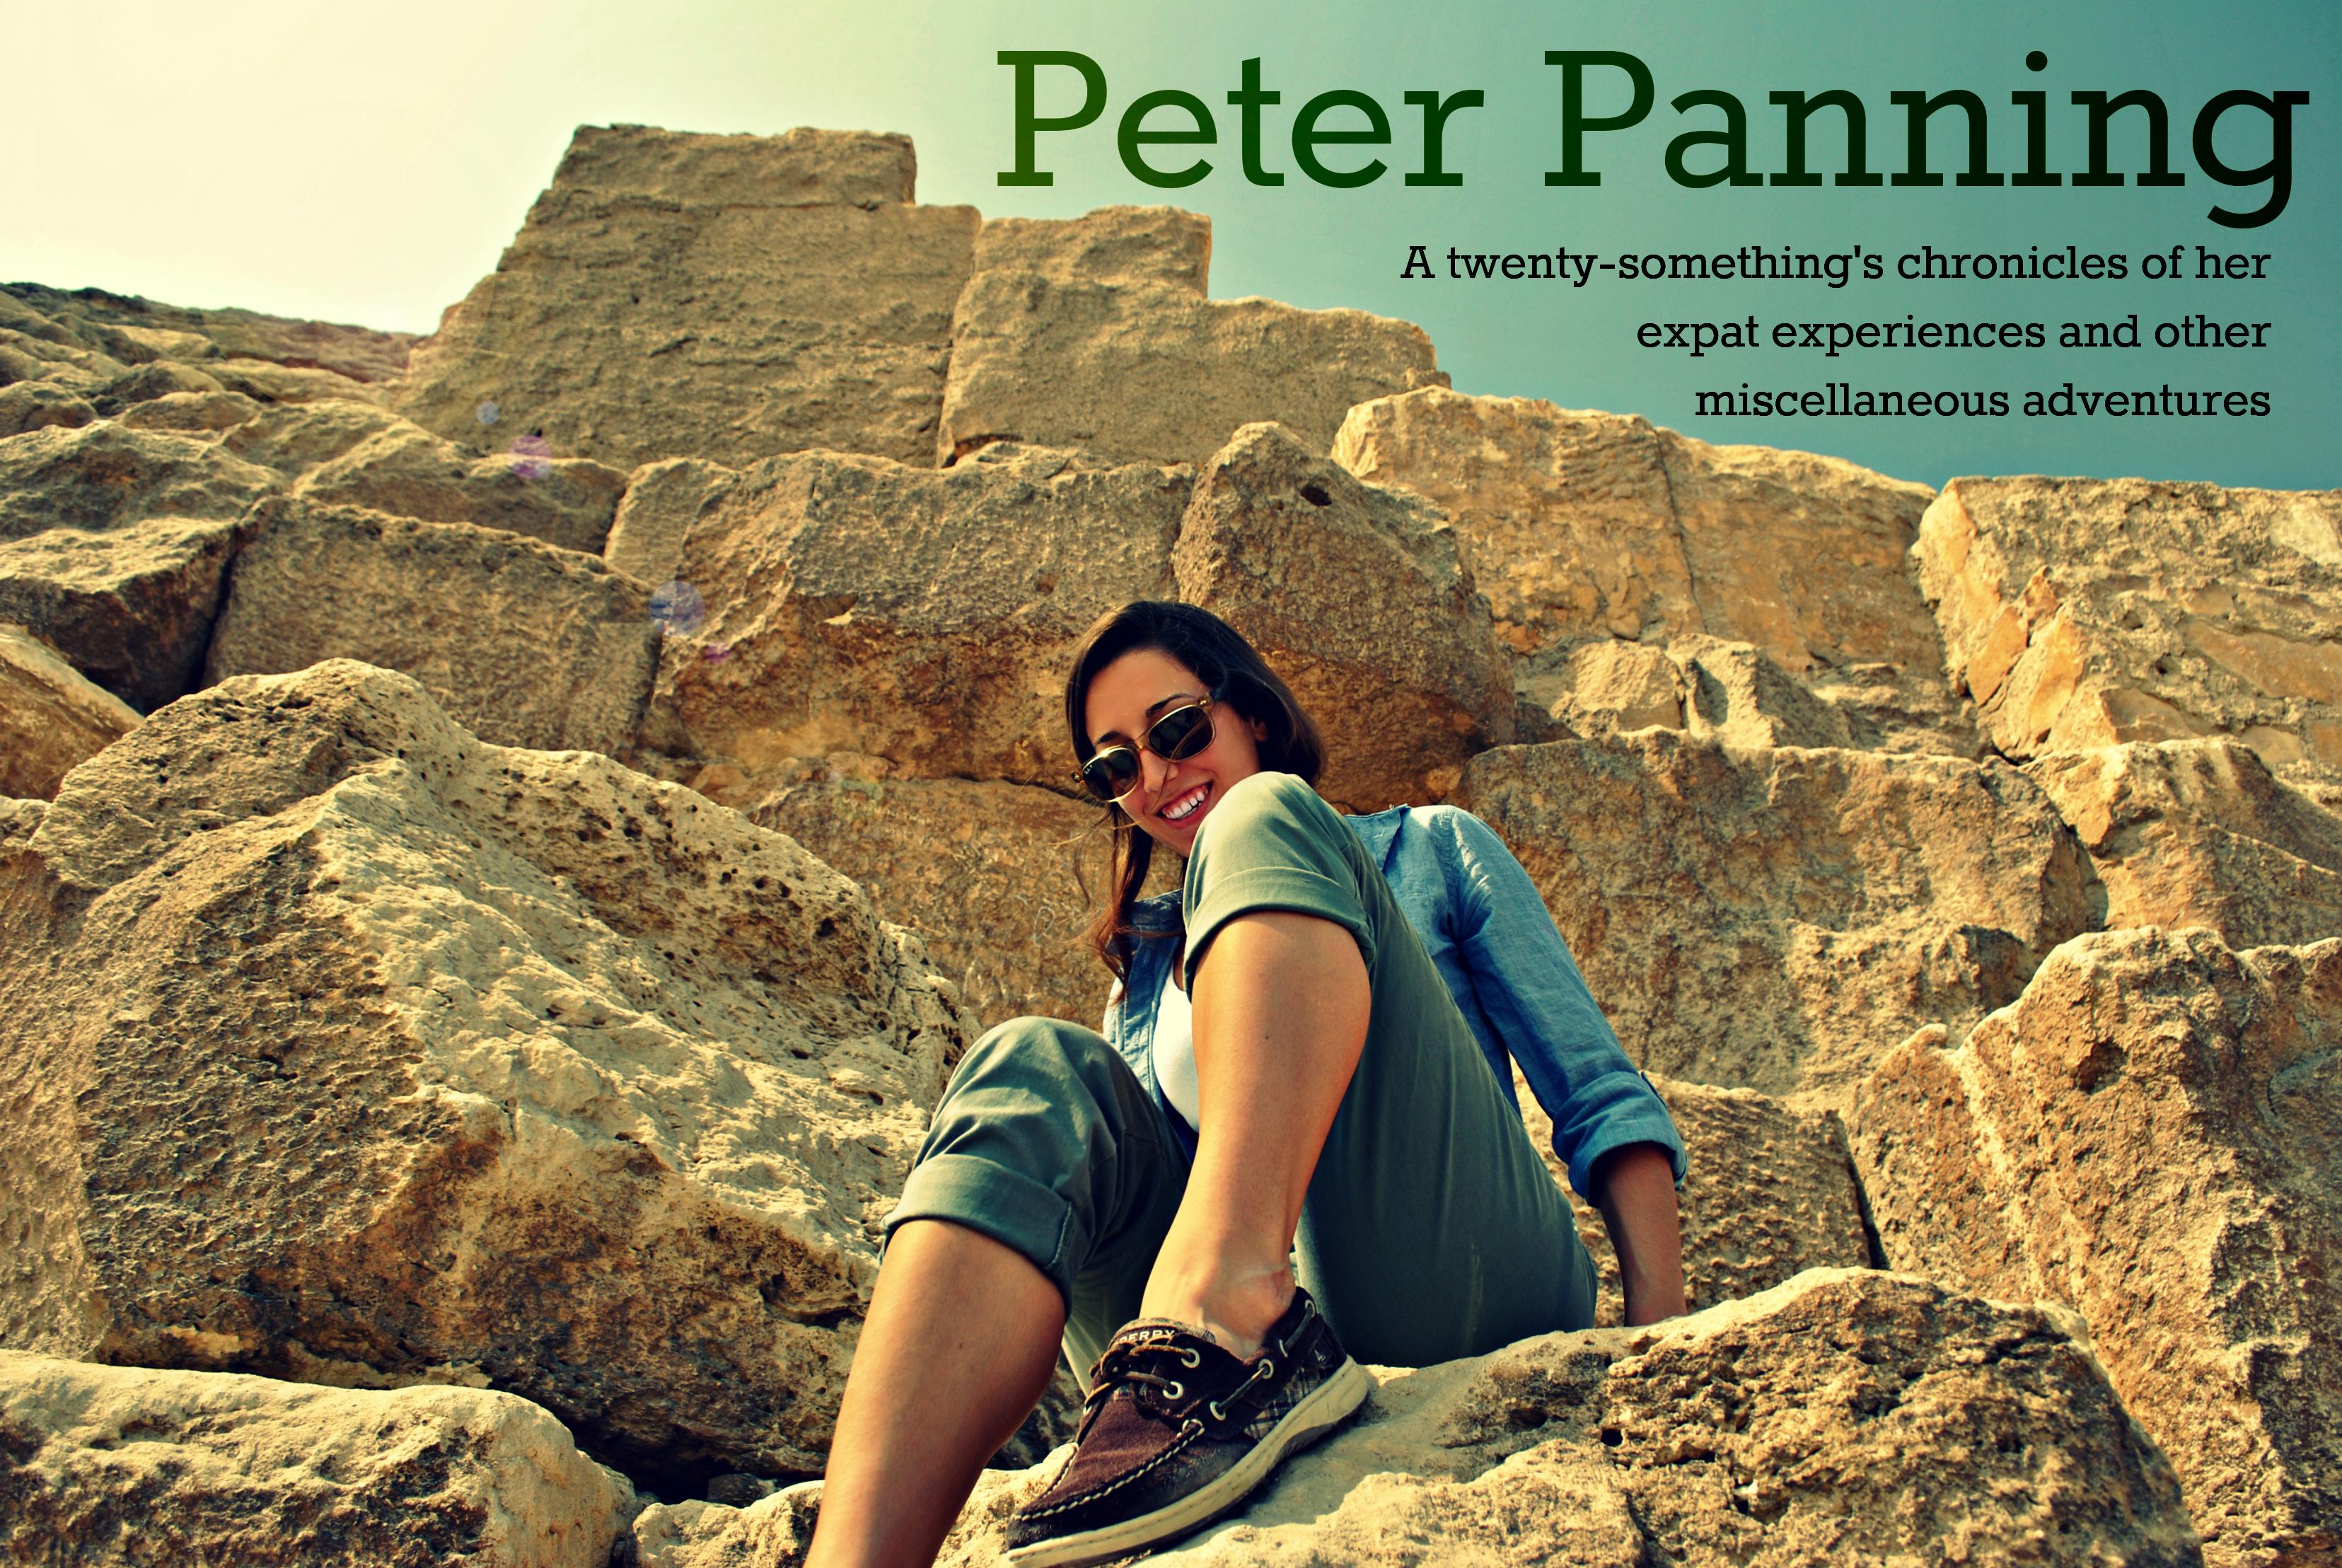 Peter Panning